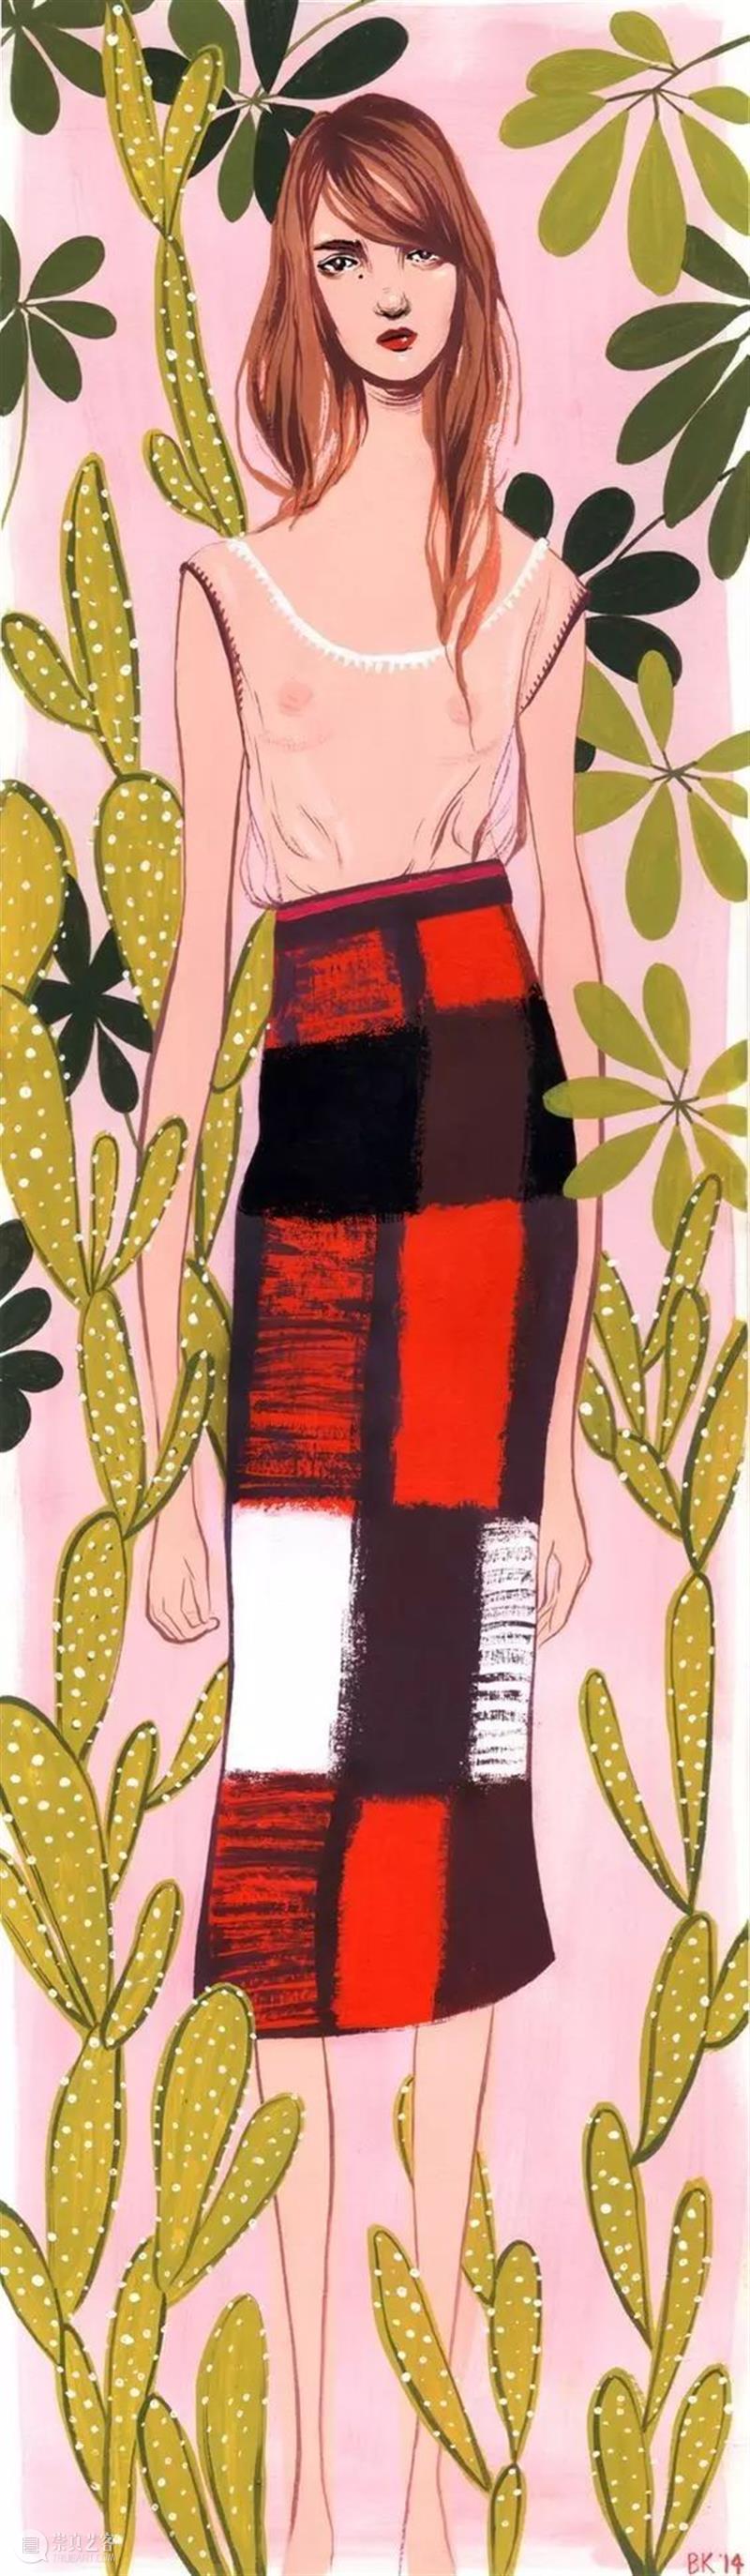 插画丨她笔下的人物时髦又有趣,神秘又忧郁 笔下 插画 人物 上方 中国舞台美术学会 右上 星标 本文 画家 联盟 崇真艺客